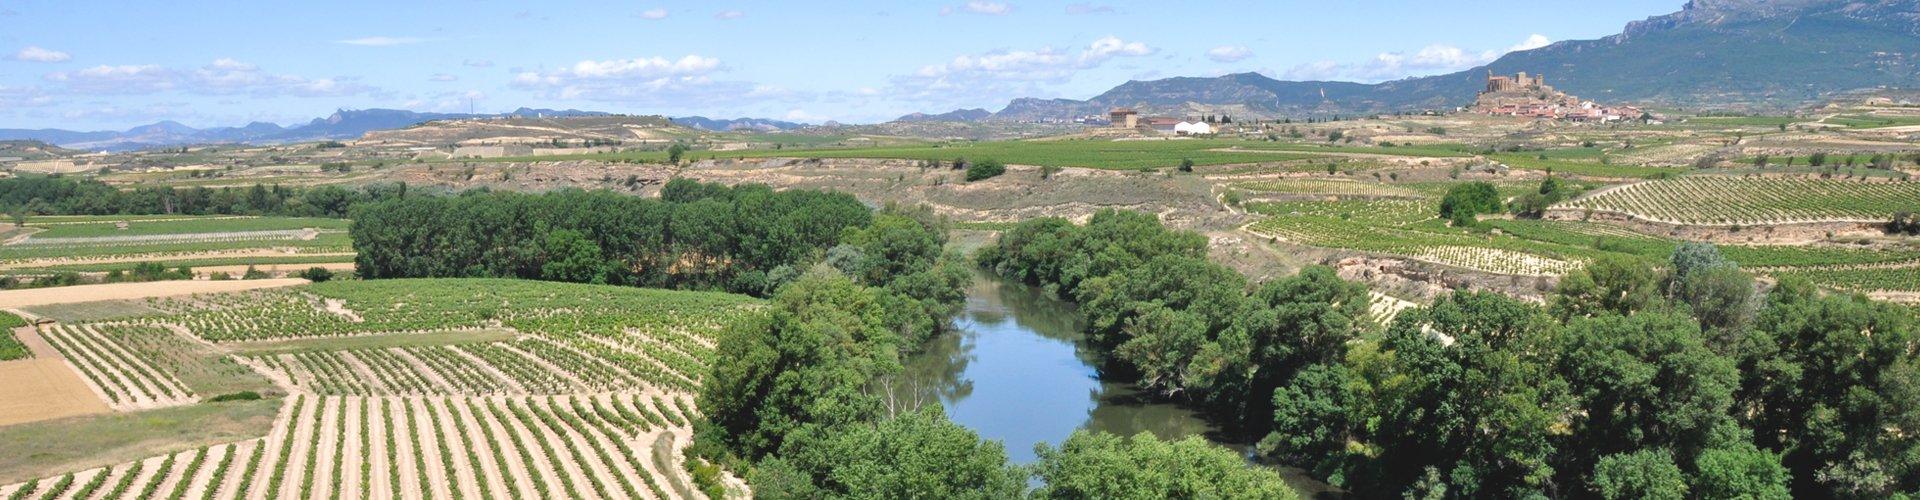 Noord-Spanje Riojastreek, Spanje